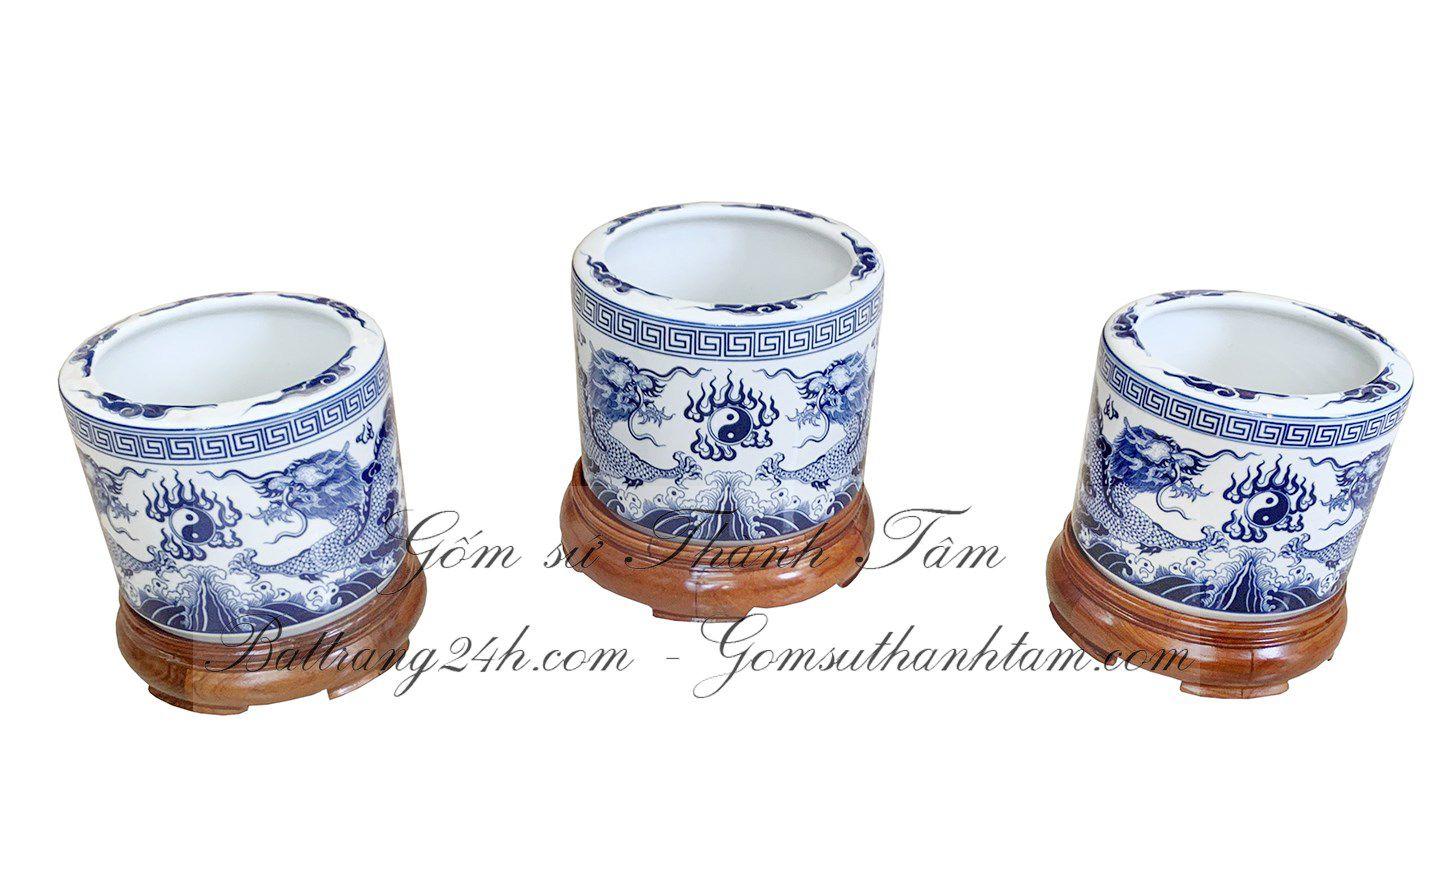 Bộ bát hương thờ cúng gia tiên tam cấp bằng gốm sứ Bát Tràng chất lượng đẹp giá rẻ tốt nhất